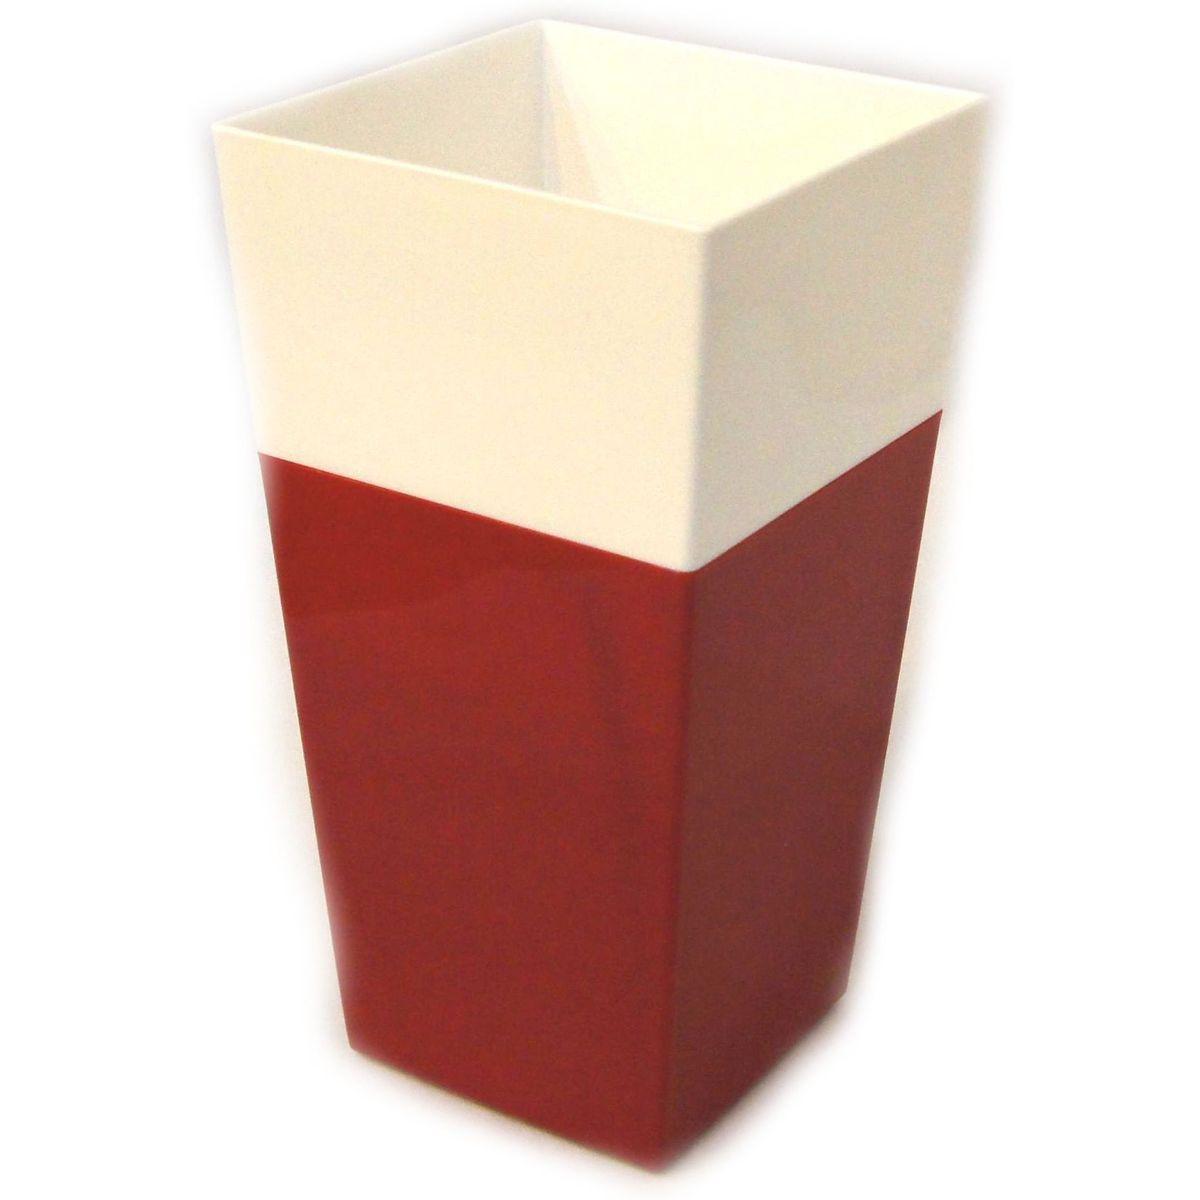 Кашпо JetPlast Дуэт, цвет: красный, белый, высота 34 см531-303Кашпо имеет строгий дизайн и состоит из двух частей: верхней части для цветка и нижней – поддона. Конструкция горшка позволяет, при желании, использовать систему фитильного полива, снабдив горшок веревкой. Оно изготовлено из прочного полипропилена (пластика).Размеры кашпо: 18 х 18 х 34 см.